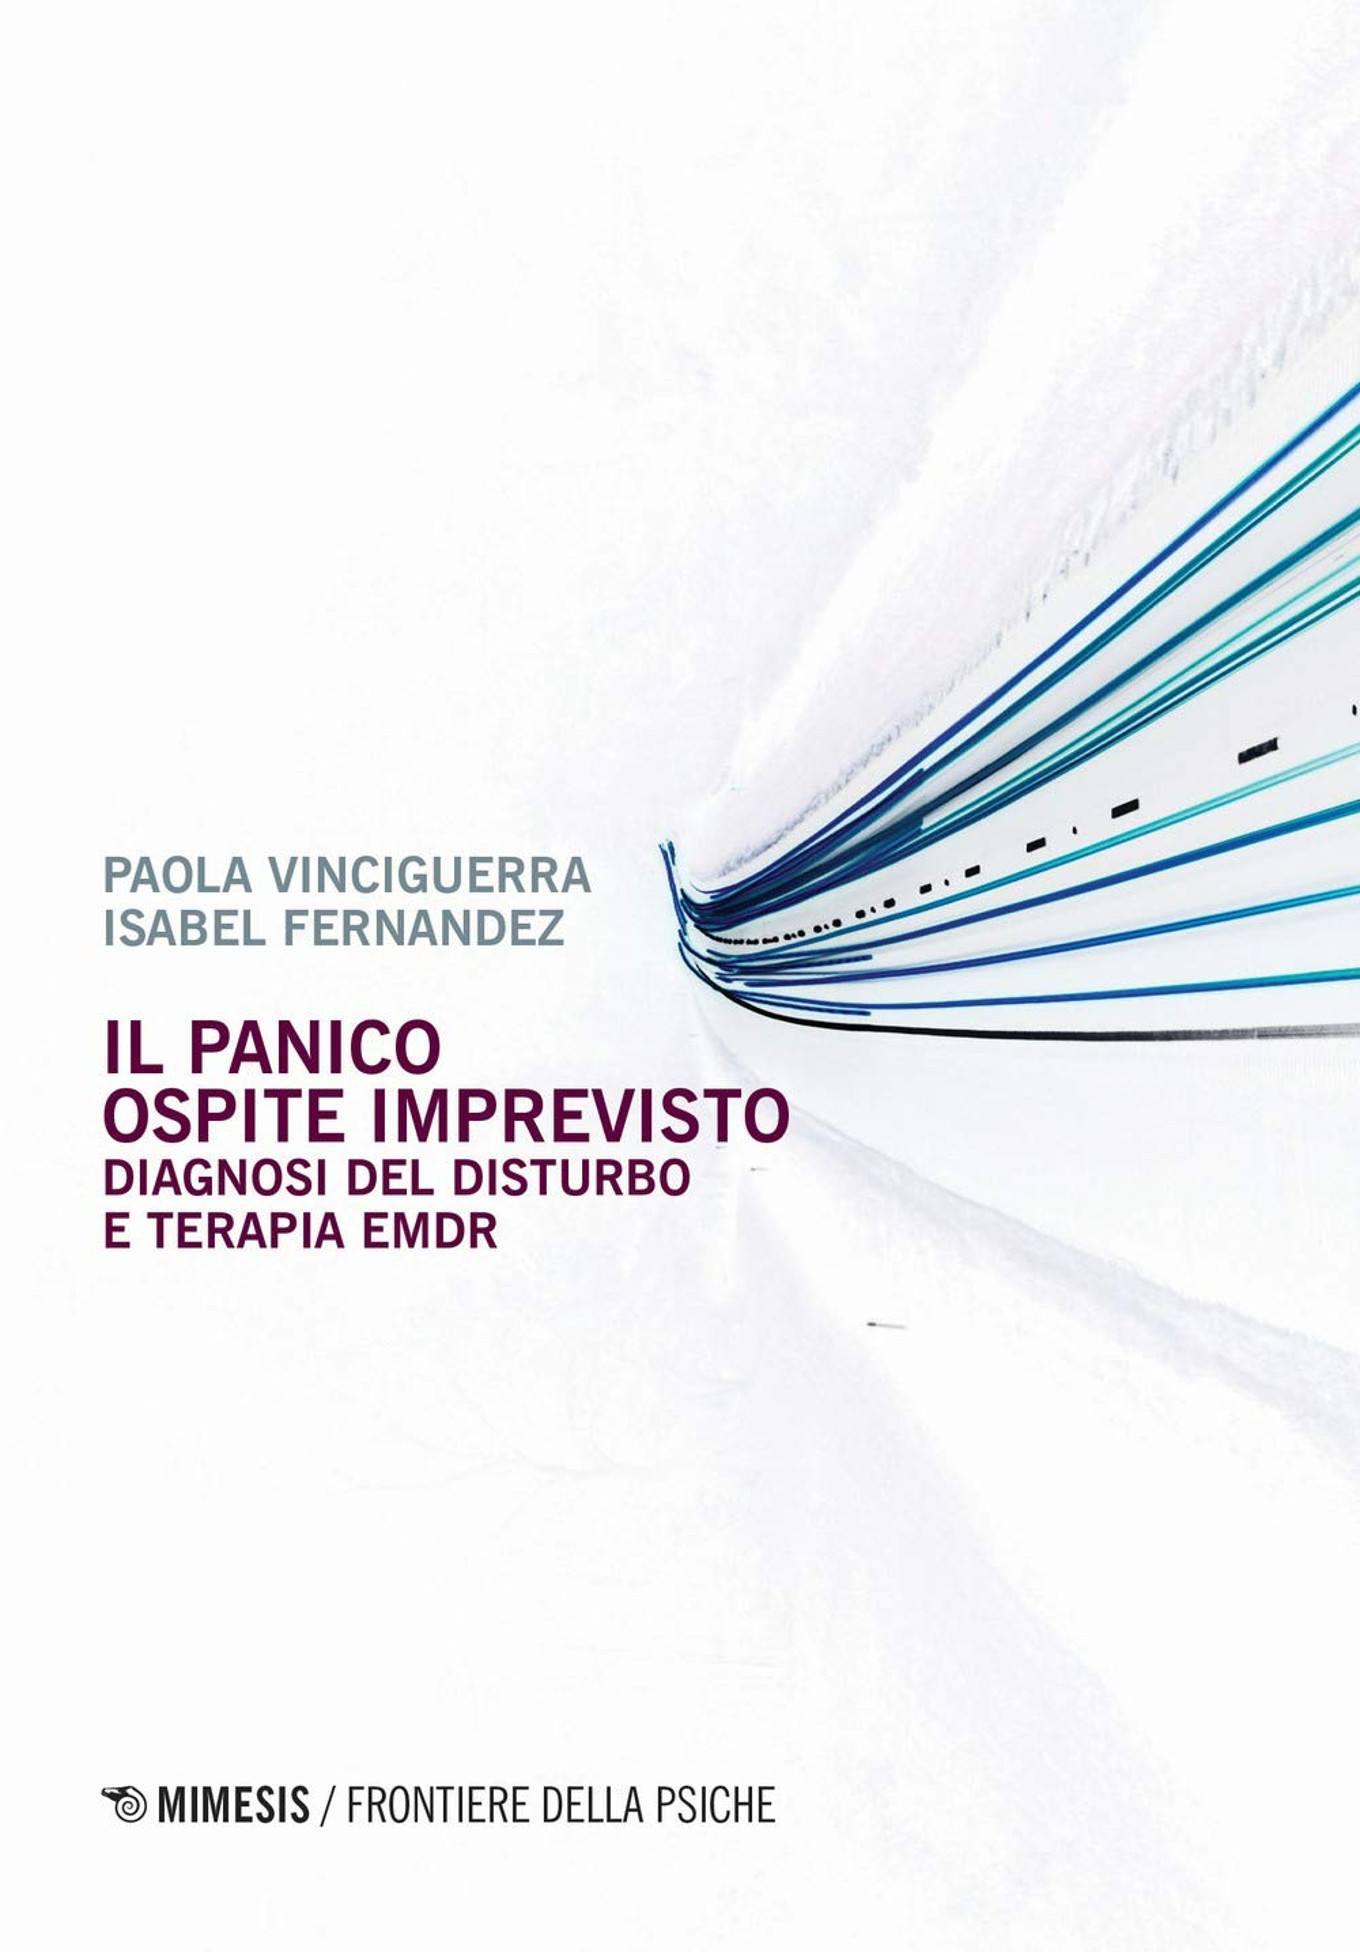 Il panico ospite imprevisto – Diagnosi del disturbo e terapia EMDR (2018) di Paola Vinciguerra e Isabel Fernandez – Recensione del libro